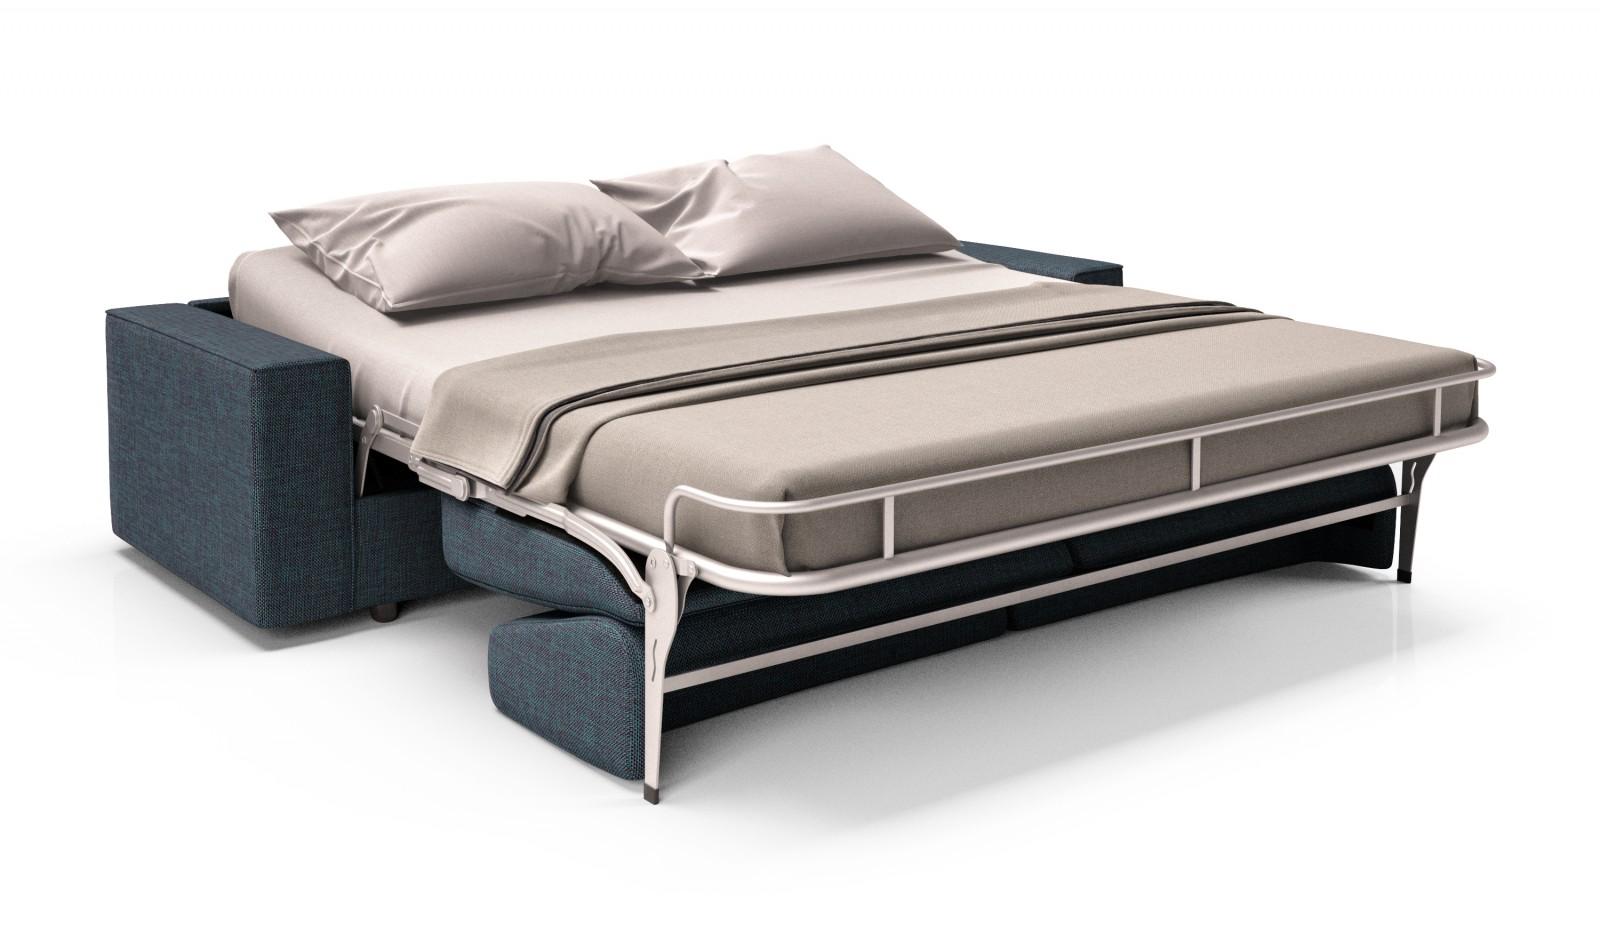 مبلراحتی تخت خوابشو پارچه ای توسی سورمه ای